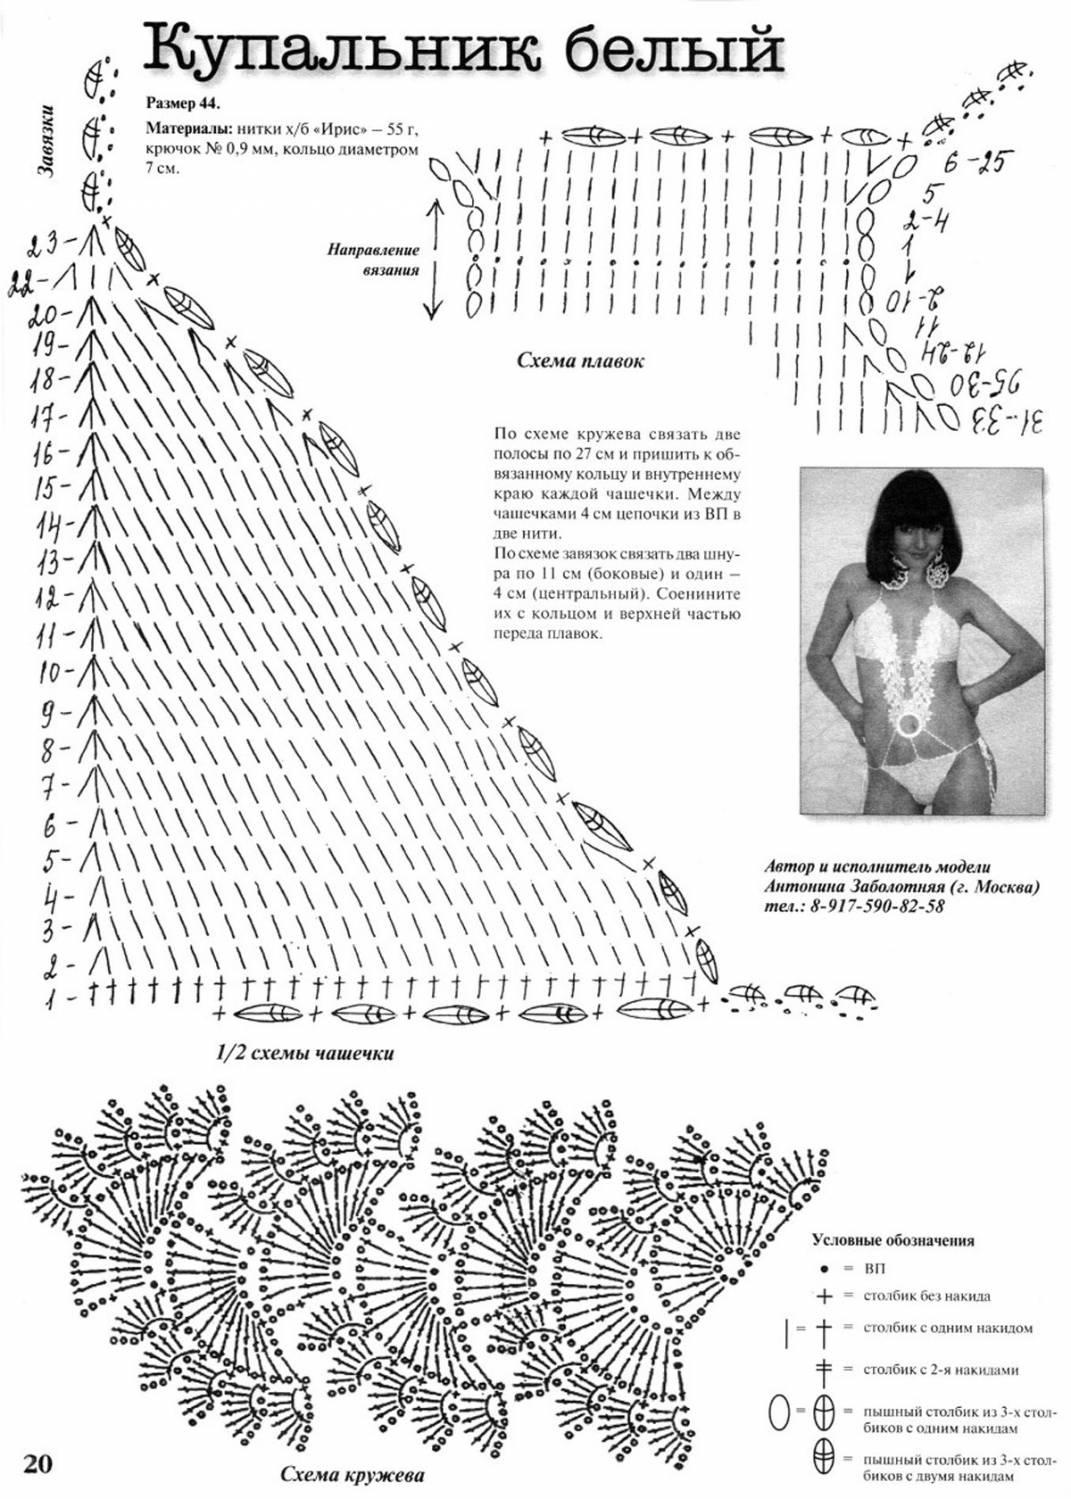 Вязание купальника бикини - Схемы вязания - Крючок и спицы